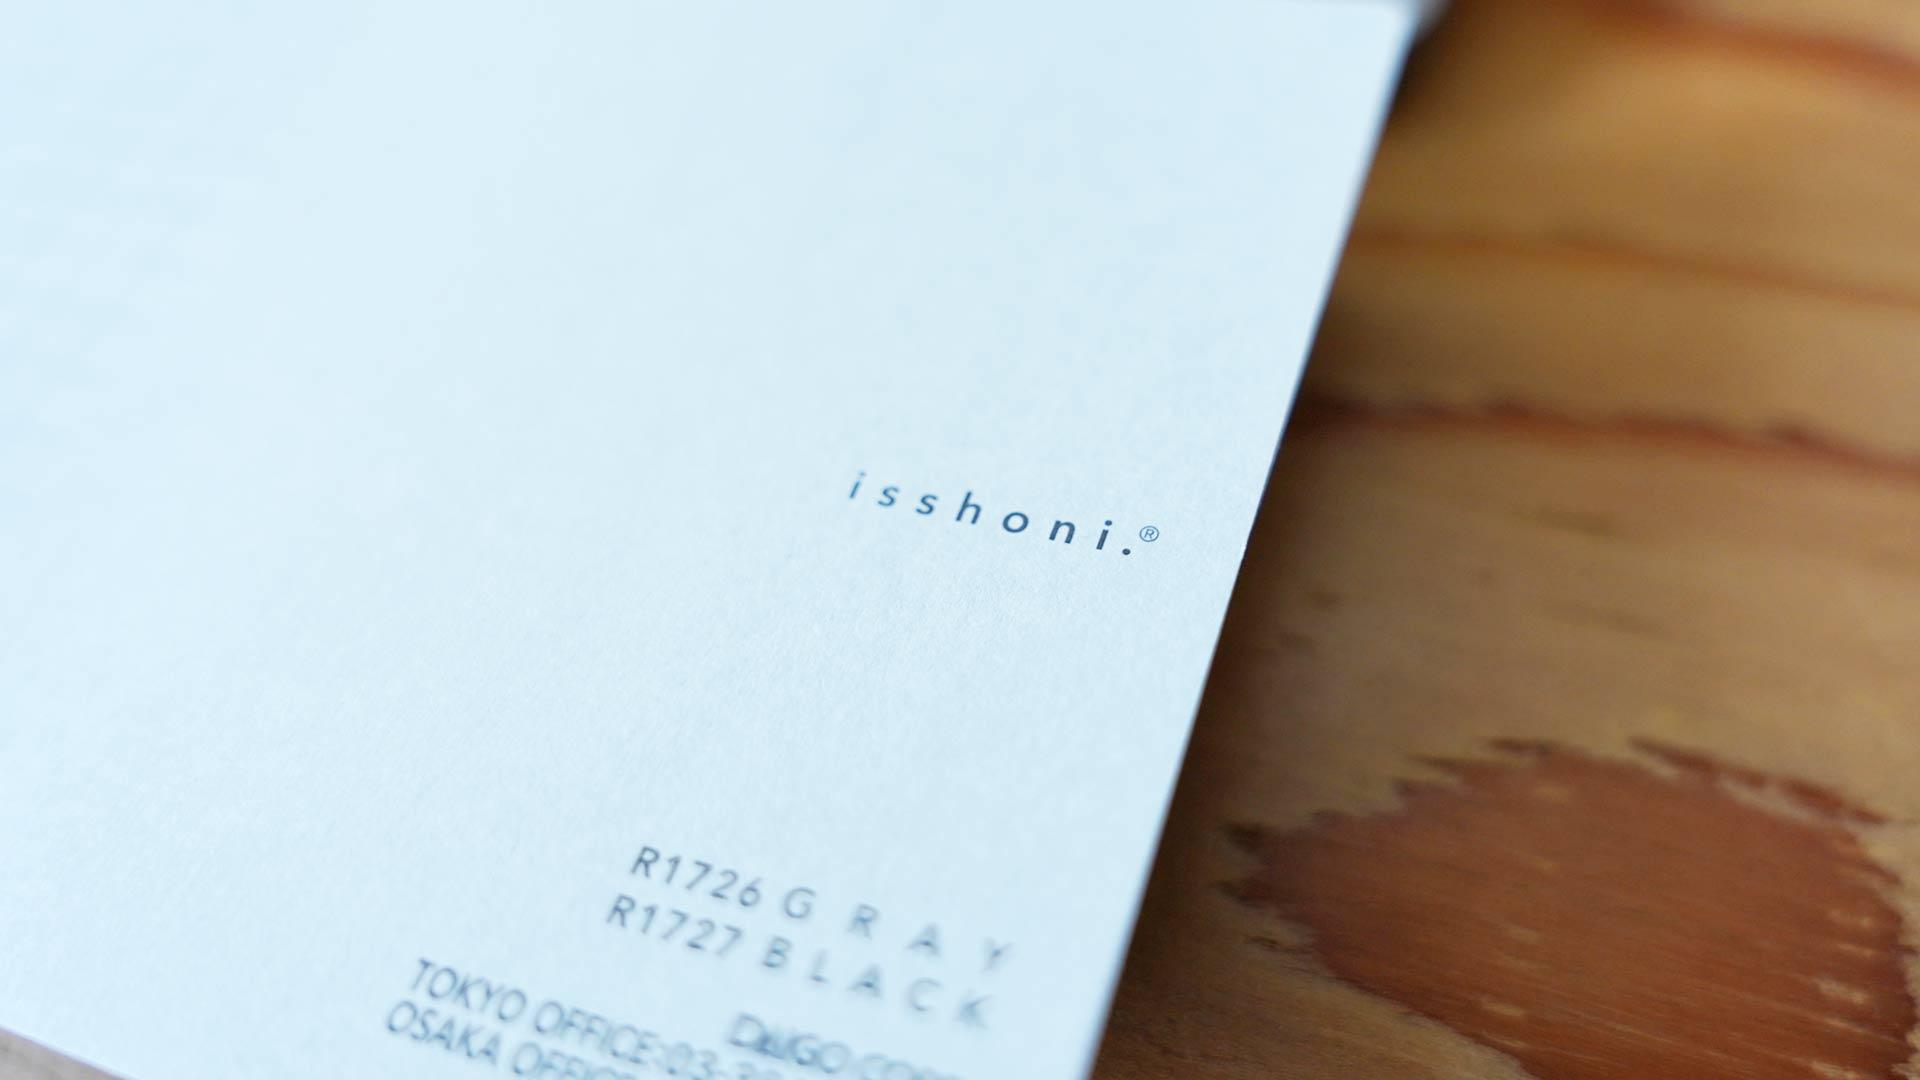 ノート,テレワーク,会議,grid,グリッド,PC用ノート,横型,一緒に,isshoni